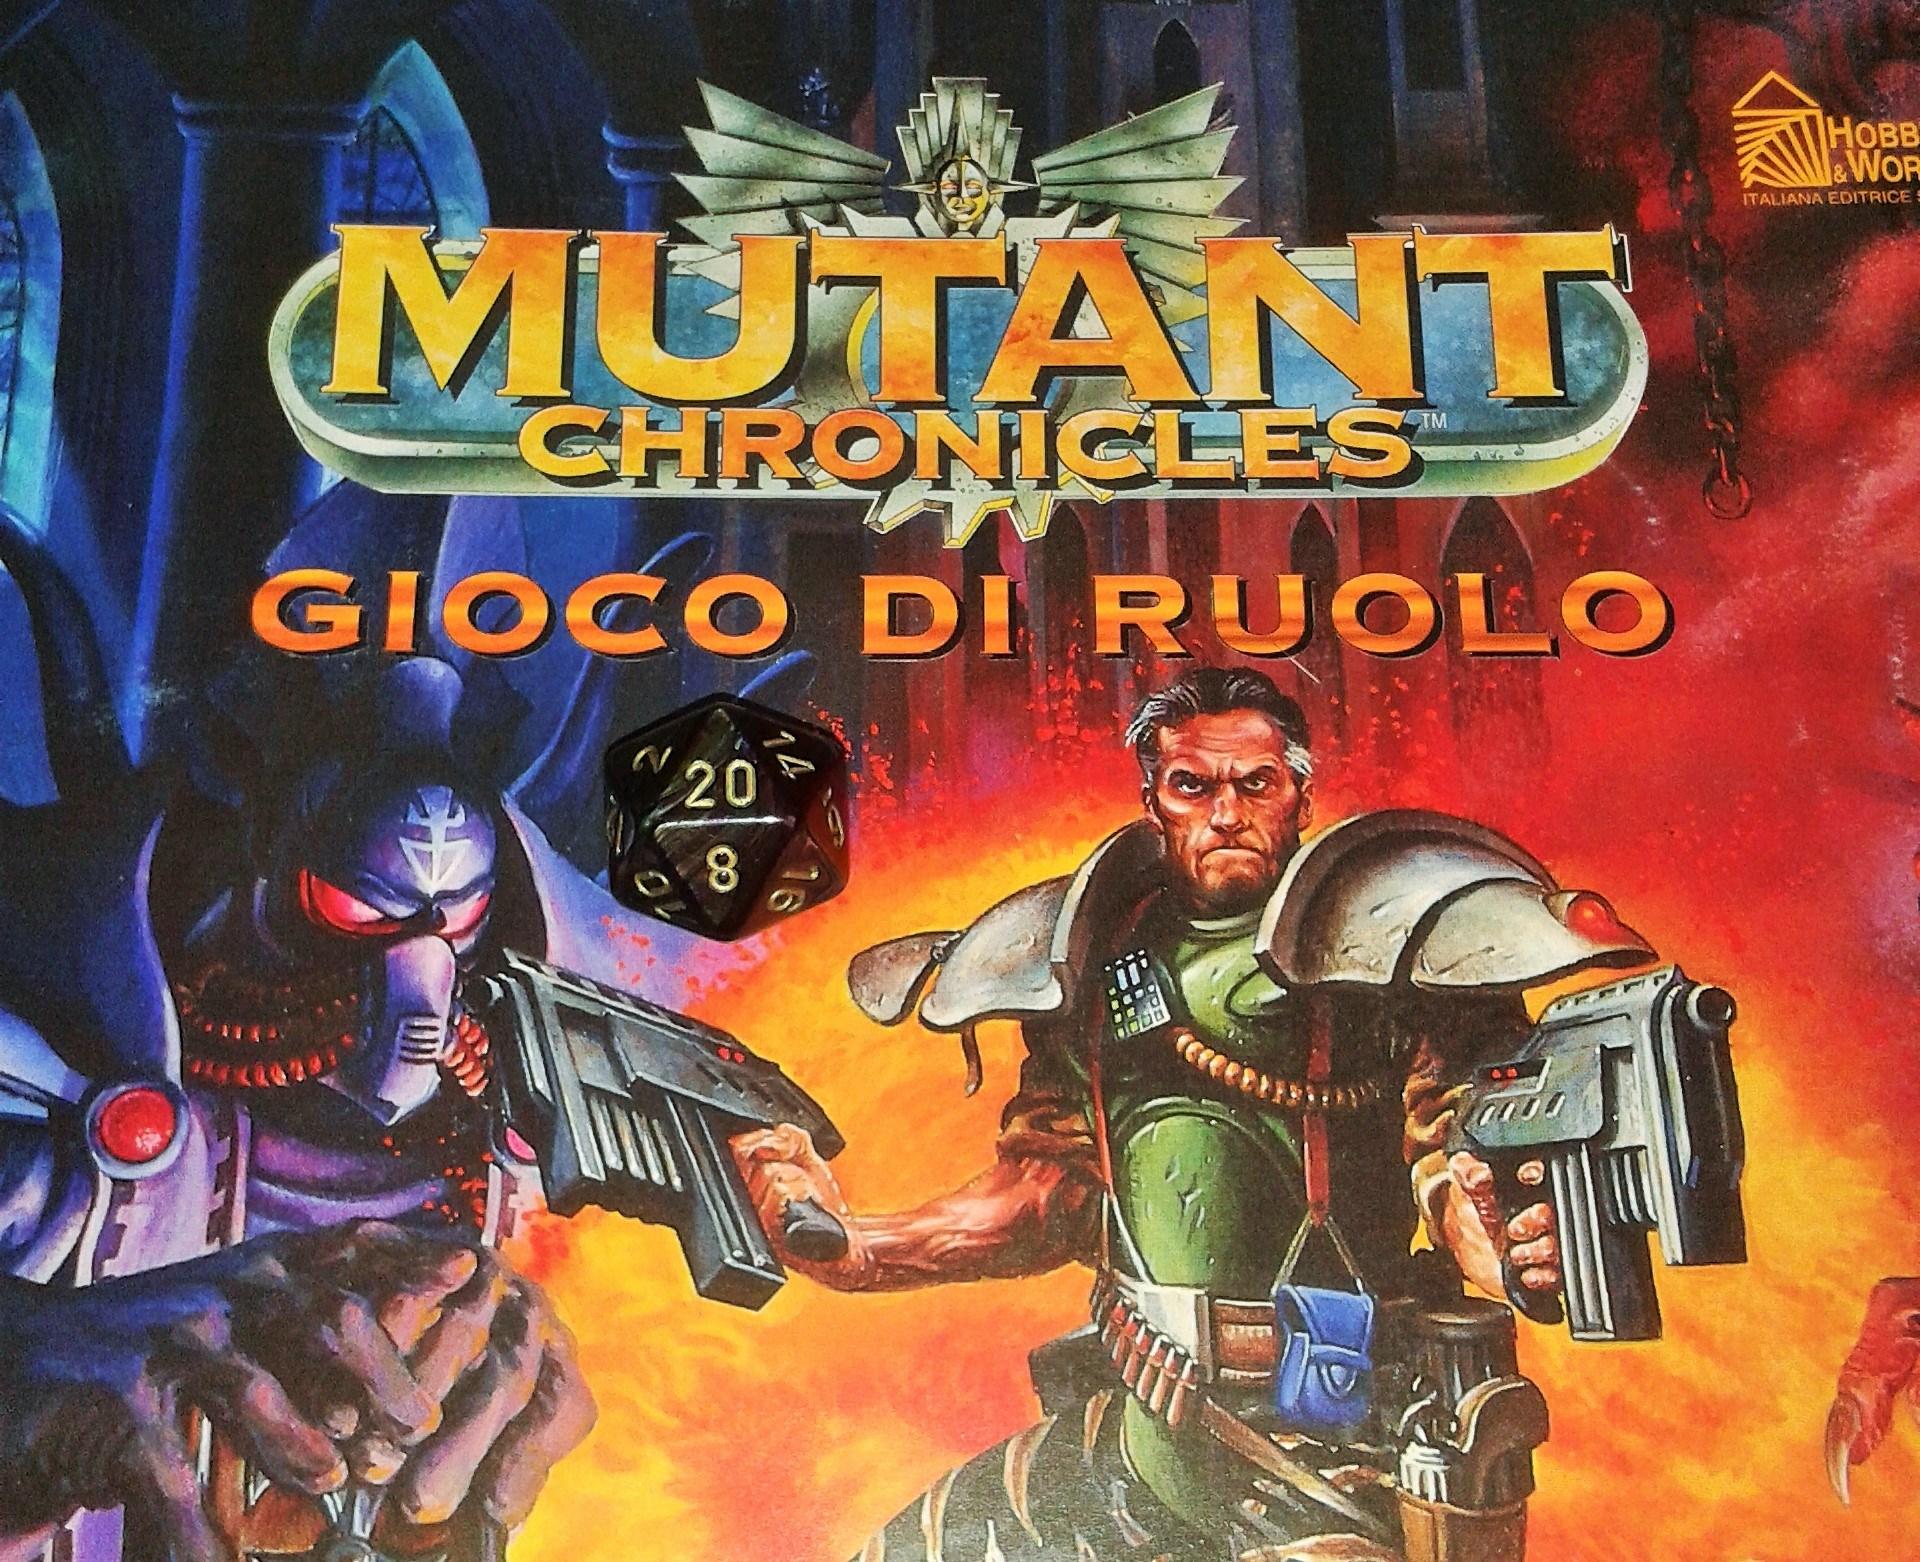 Mutant Chronicles: ambientazione cyberpunk per videogame e giochi di ruolo 7 - fanzine